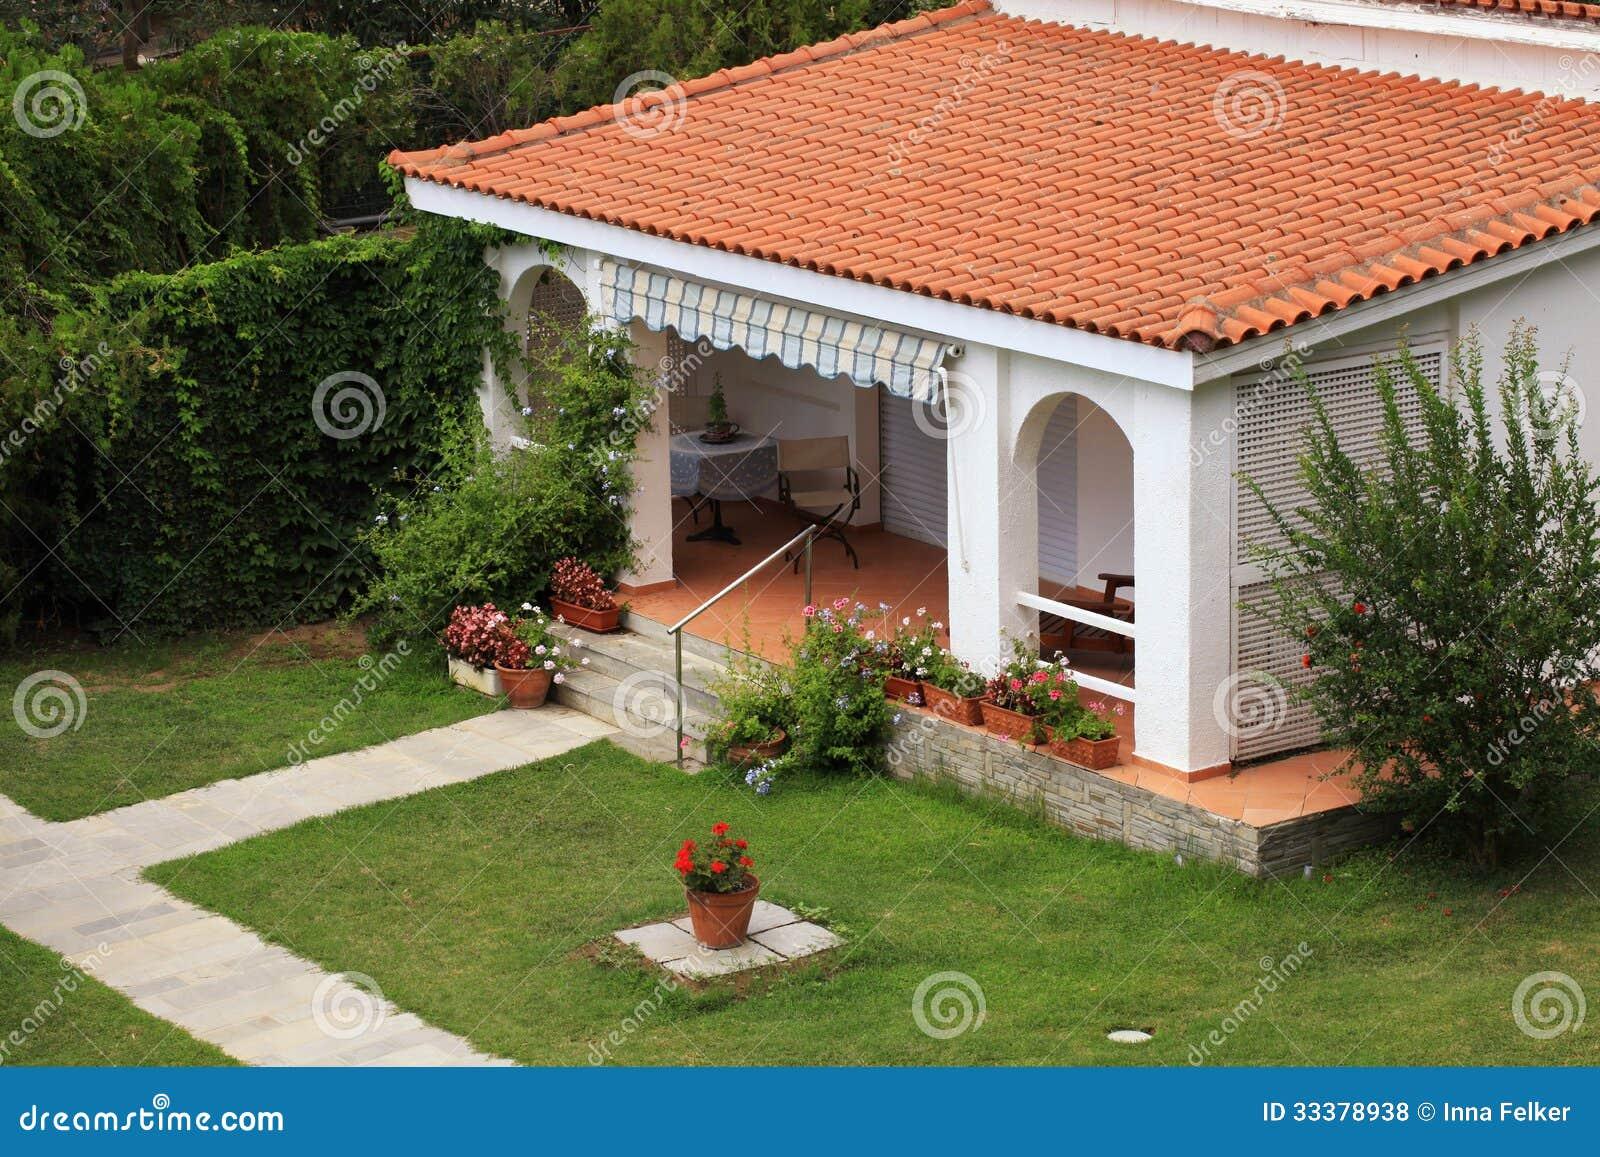 Fotos de terrazas terrazas y jardines terrazas de casas for Casas con balcon y terraza